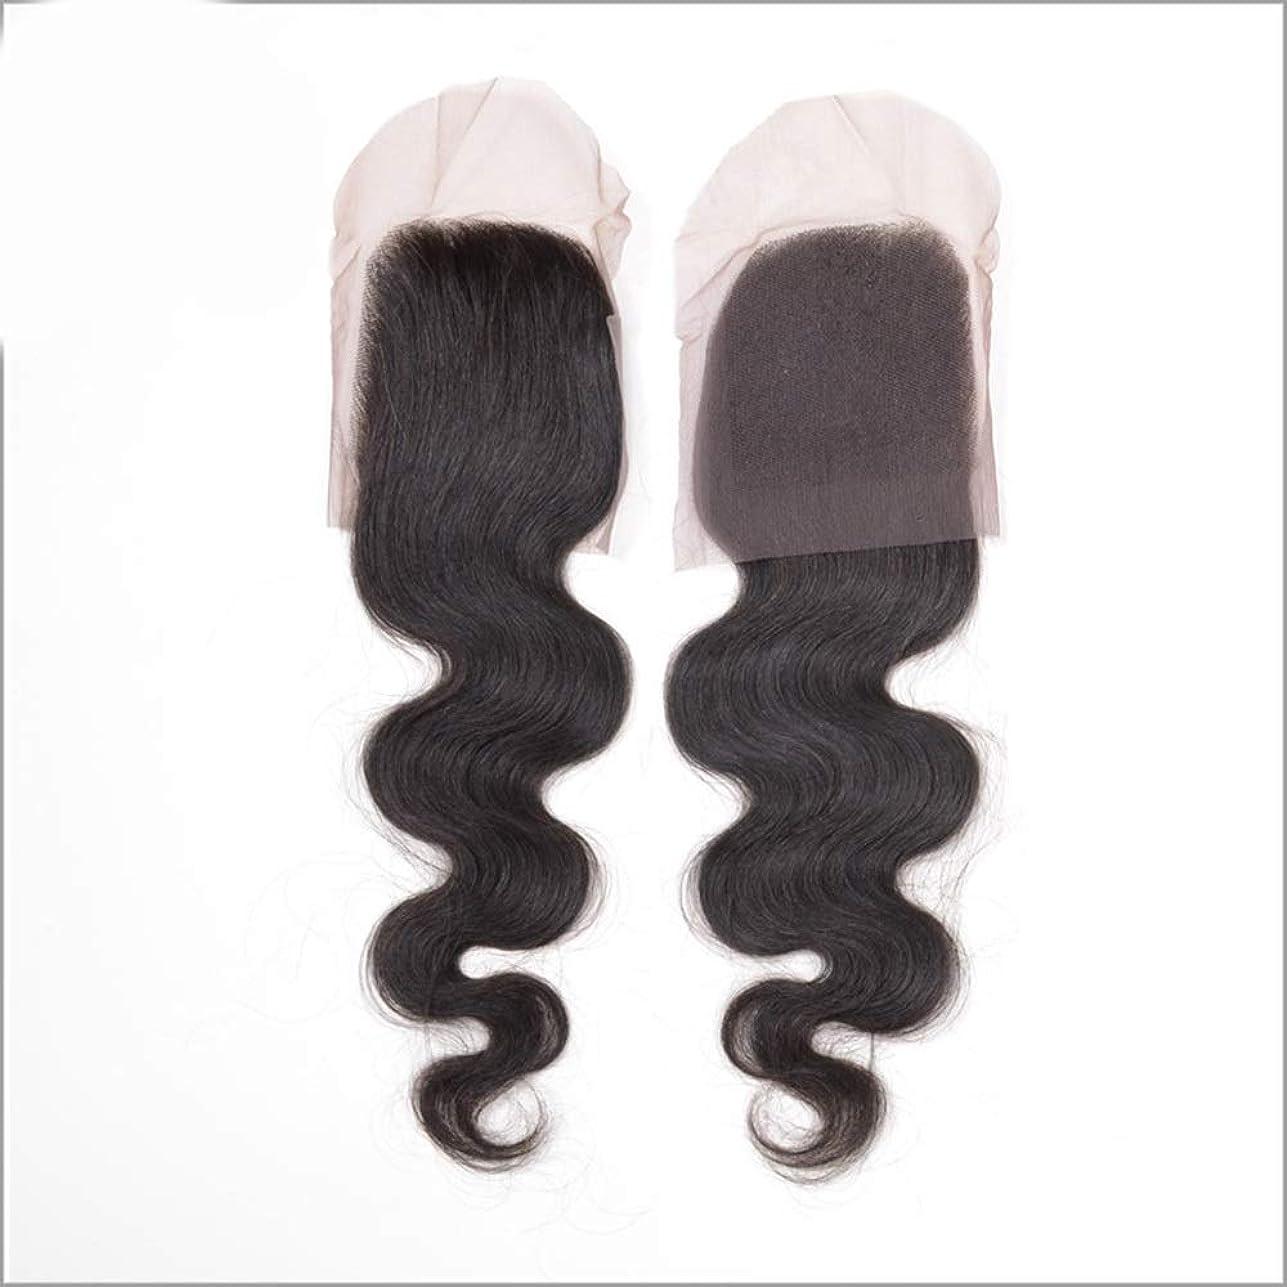 電気の助言用量YESONEEP ブラジル髪織りバンドルで閉鎖レース前頭4×4フリーパート実体波フルレースナチュラルヘアエクステンション用女性複合ヘアレースかつらロールプレイングかつら (色 : 黒, サイズ : 8 inch)